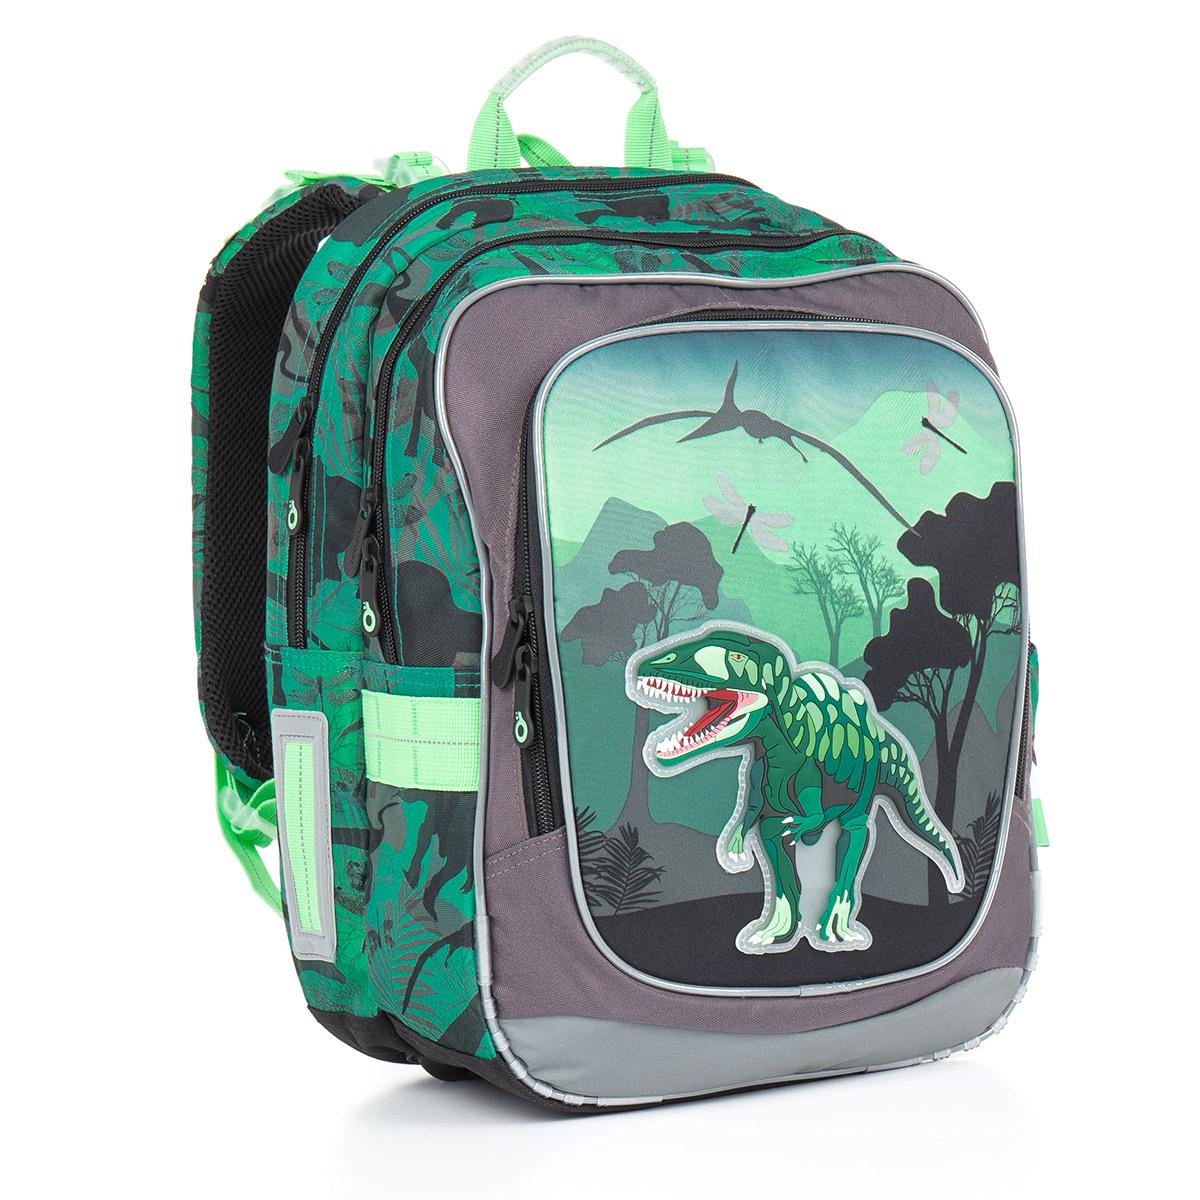 batoh do školy pro prvňáka